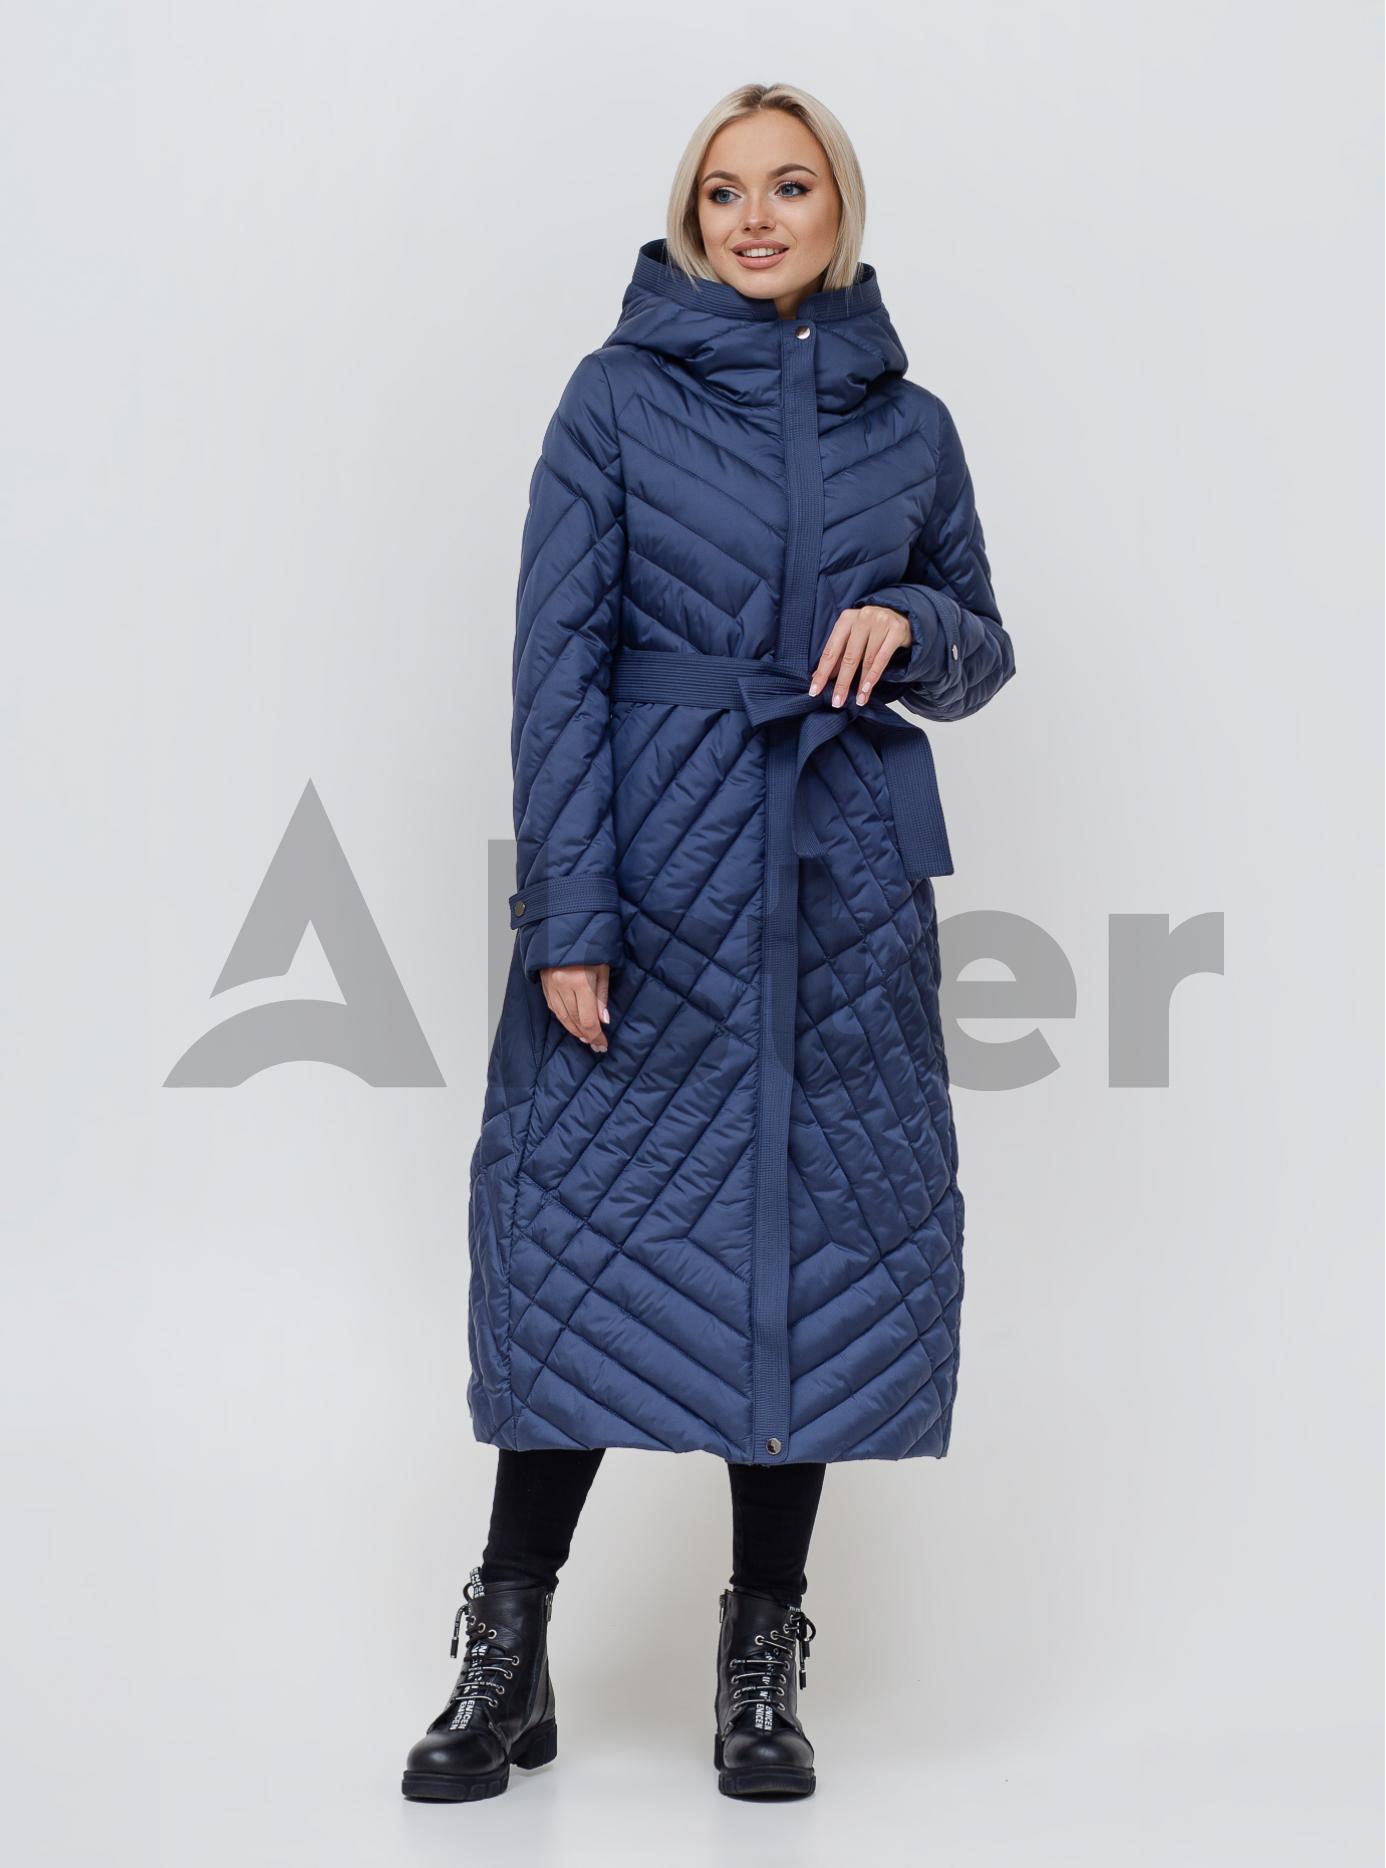 Пальто жіноче зимове Джинс 46 (02-KL201001): фото - Alster.ua